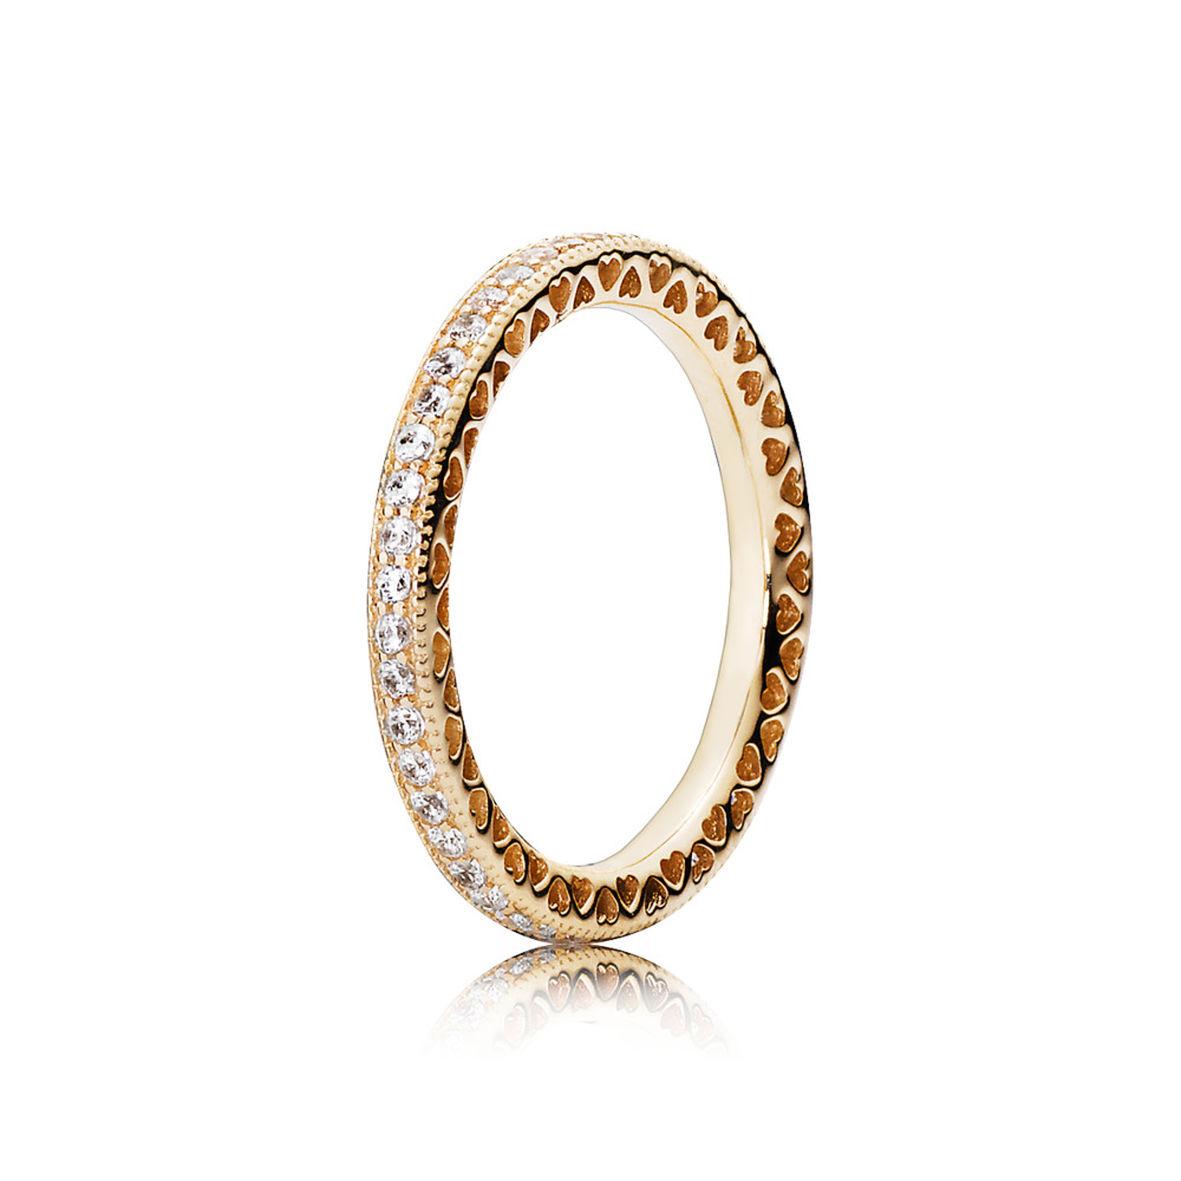 Online Winkelen Goedkope Prijs acVNVwCvfg Gouden hartjes ring maat 52 150181CZ-52 Klaring Laatste Te Koop Goedkope Prijs Korting In Nederland g1tJGp4